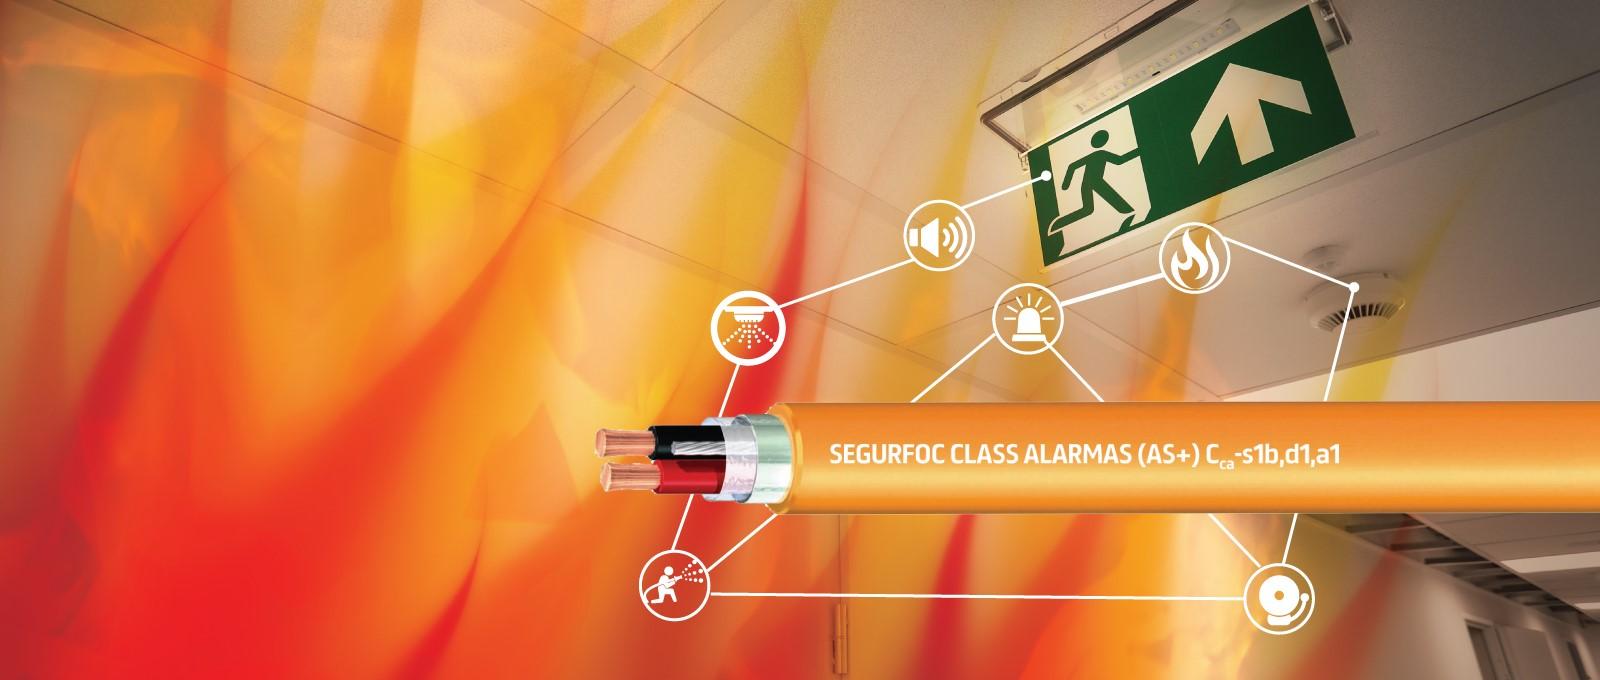 Segurfoc Class Alarmas (AS+): Para conexión de alarmas, megafonía de seguridad, pulsadores y detectores.